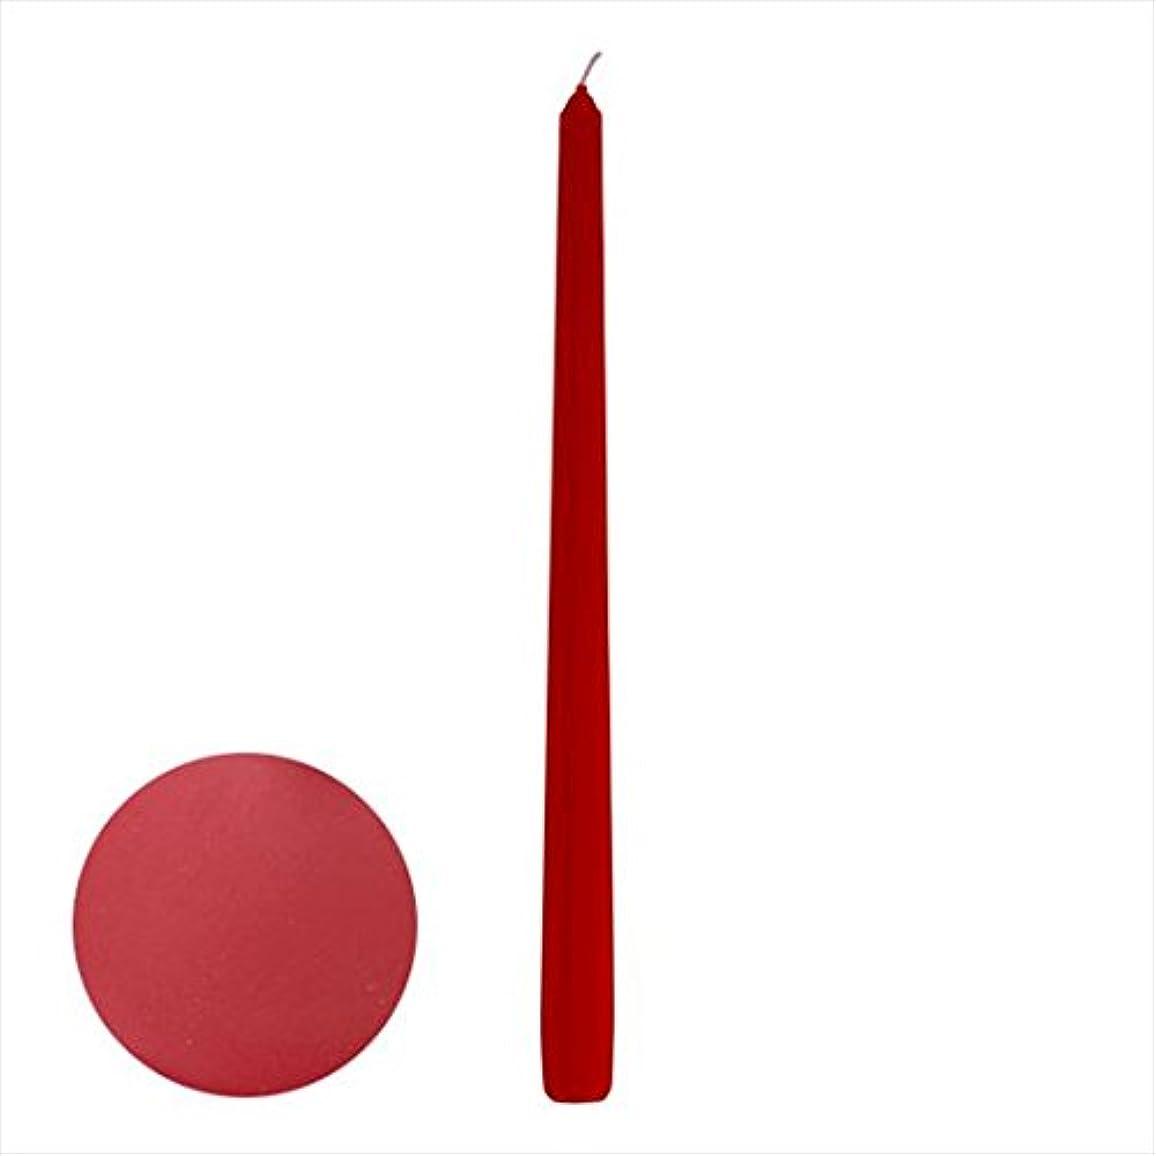 ヒギンズ分泌する去るカメヤマキャンドル(kameyama candle) 12インチテーパー 「 ダークレッド 」 12本入り